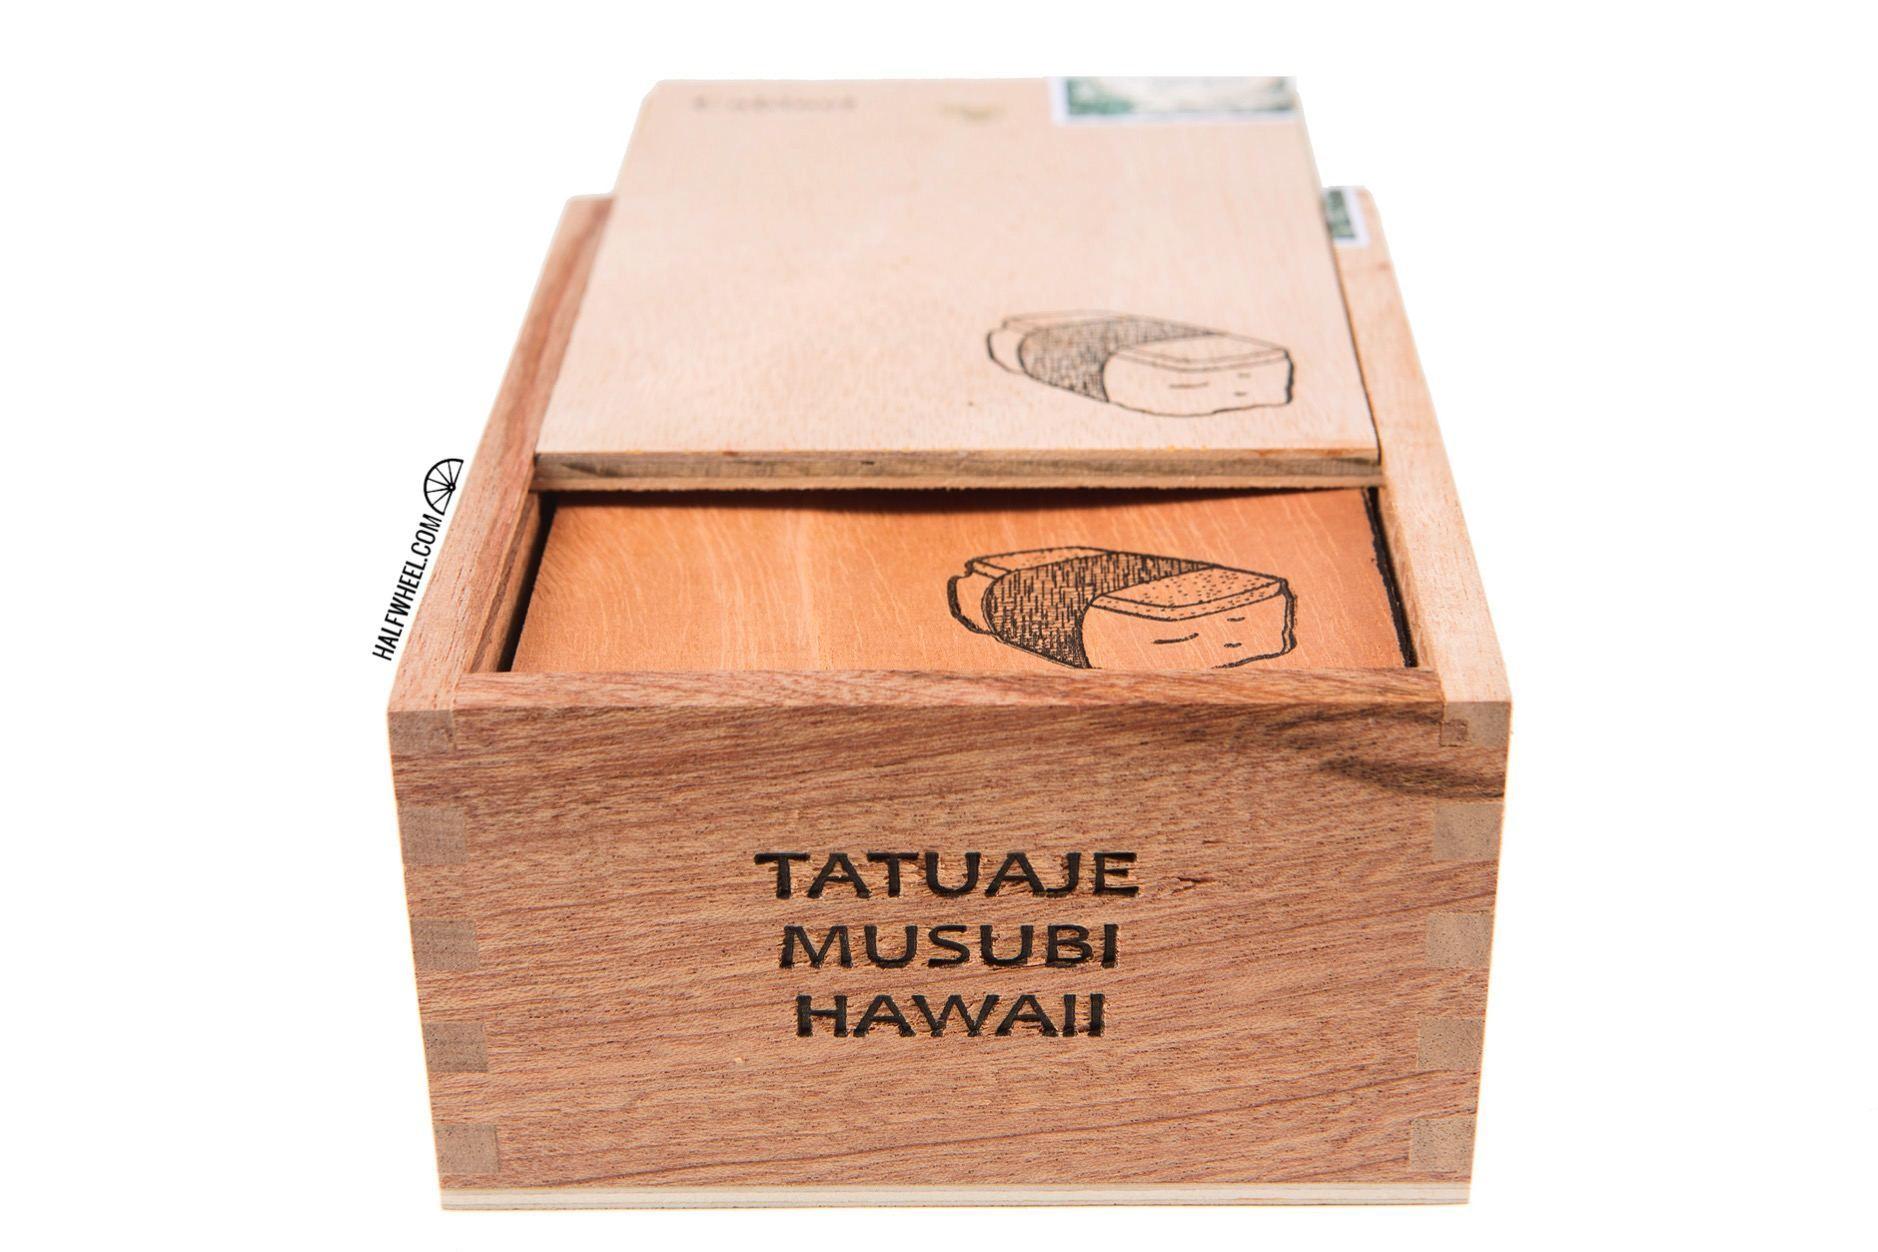 Tatuaje Musubi Box 2